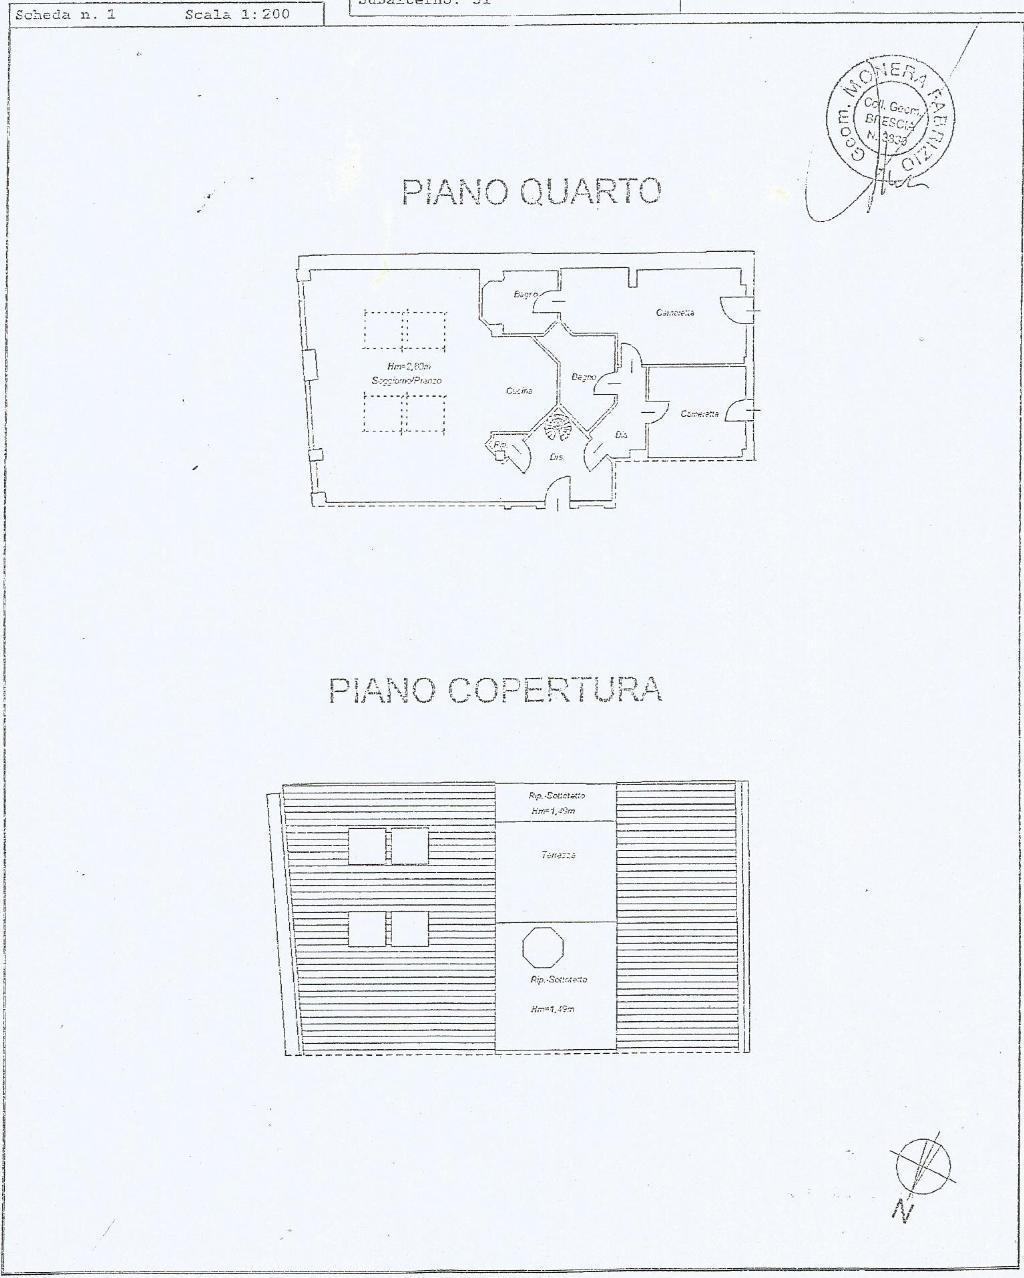 Attico / Mansarda in vendita a Desenzano del Garda, 4 locali, Trattative riservate | PortaleAgenzieImmobiliari.it